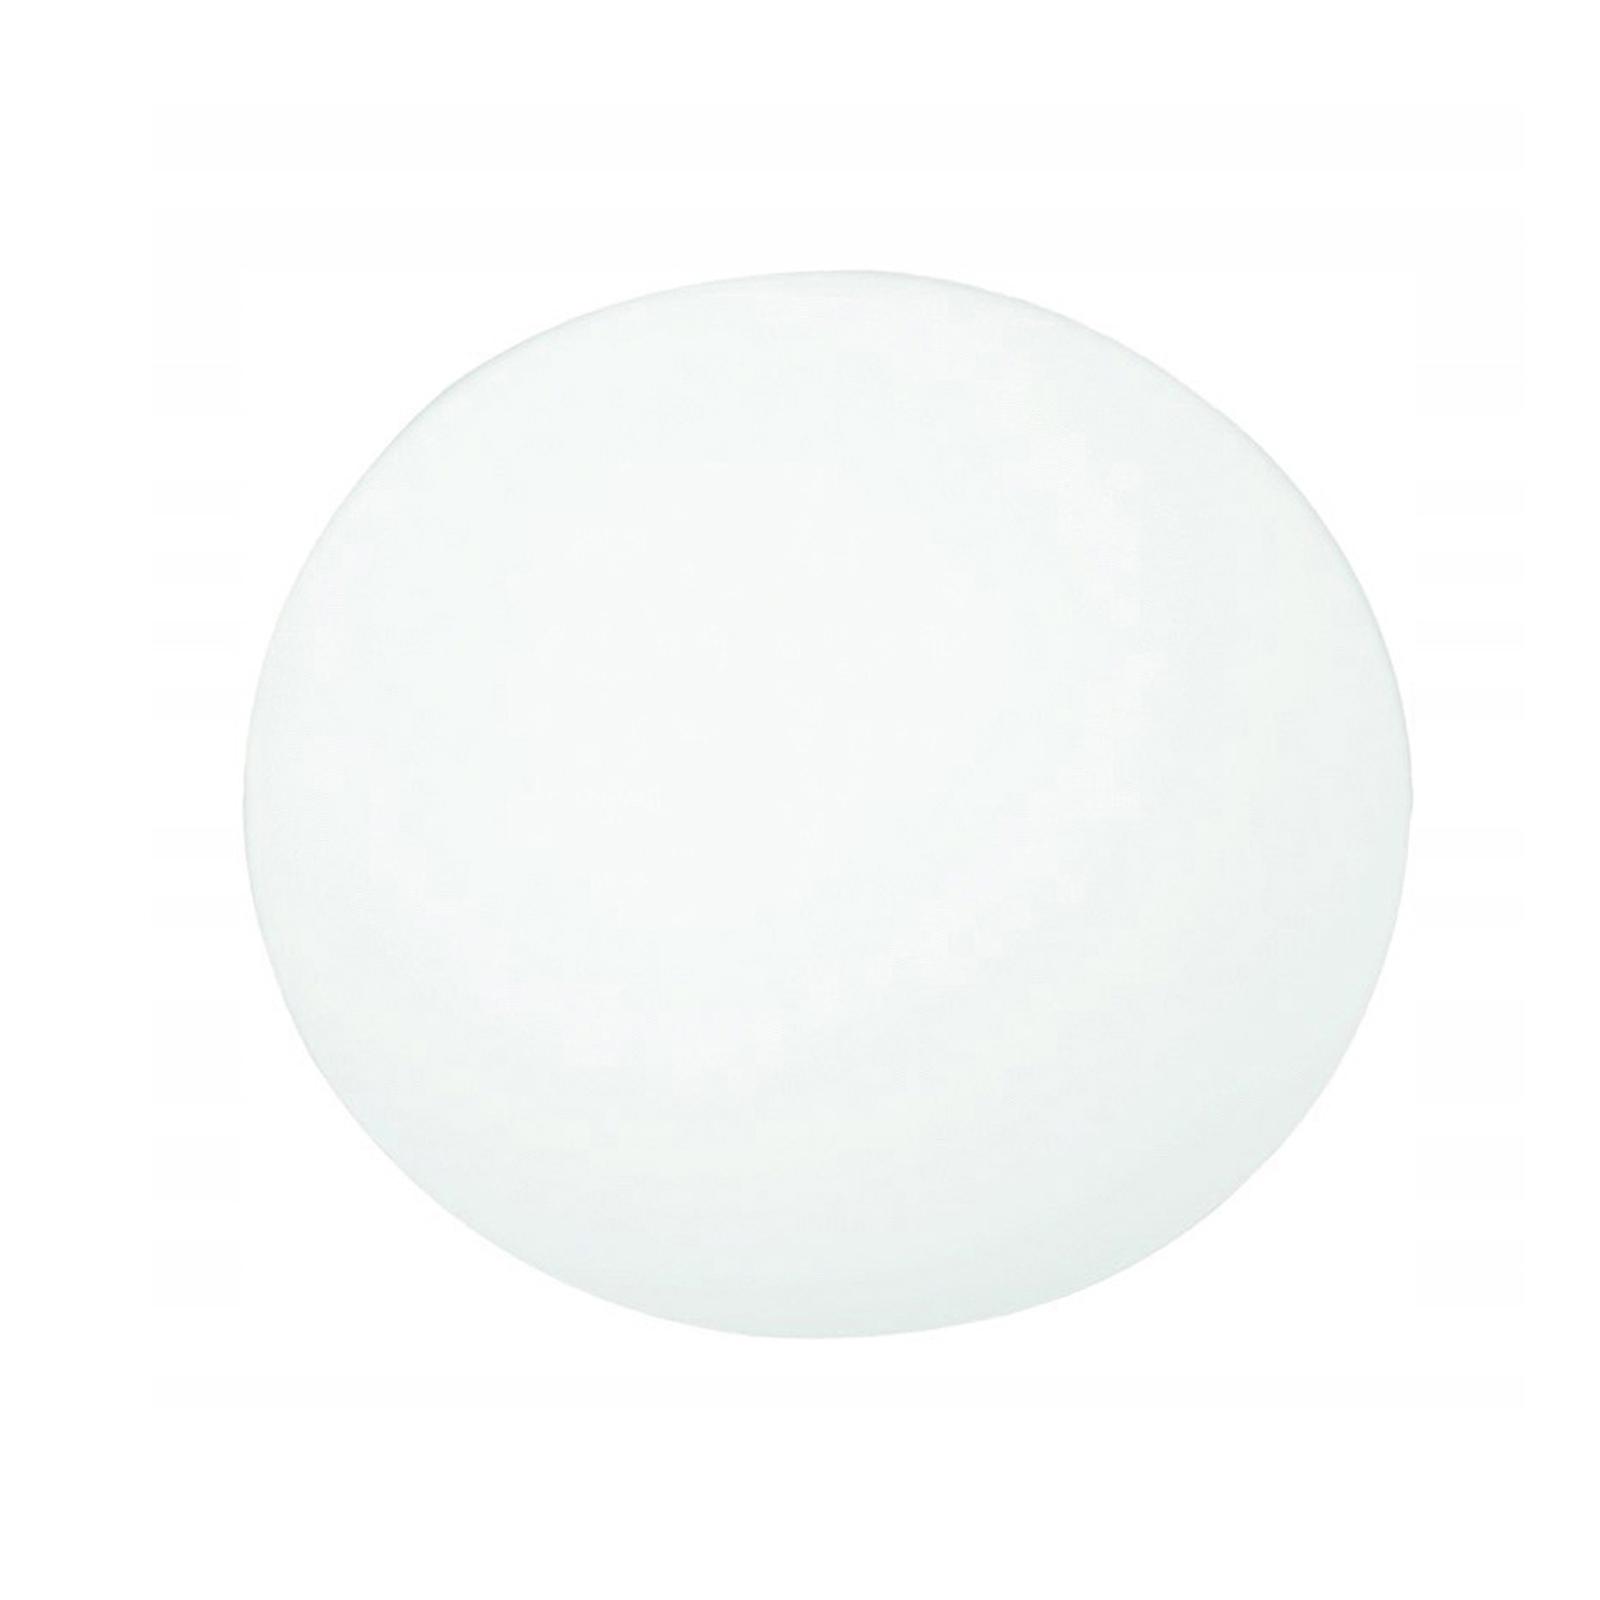 Koupelnové stropní světlo Twister, Ø35cm, 2 x 40 W